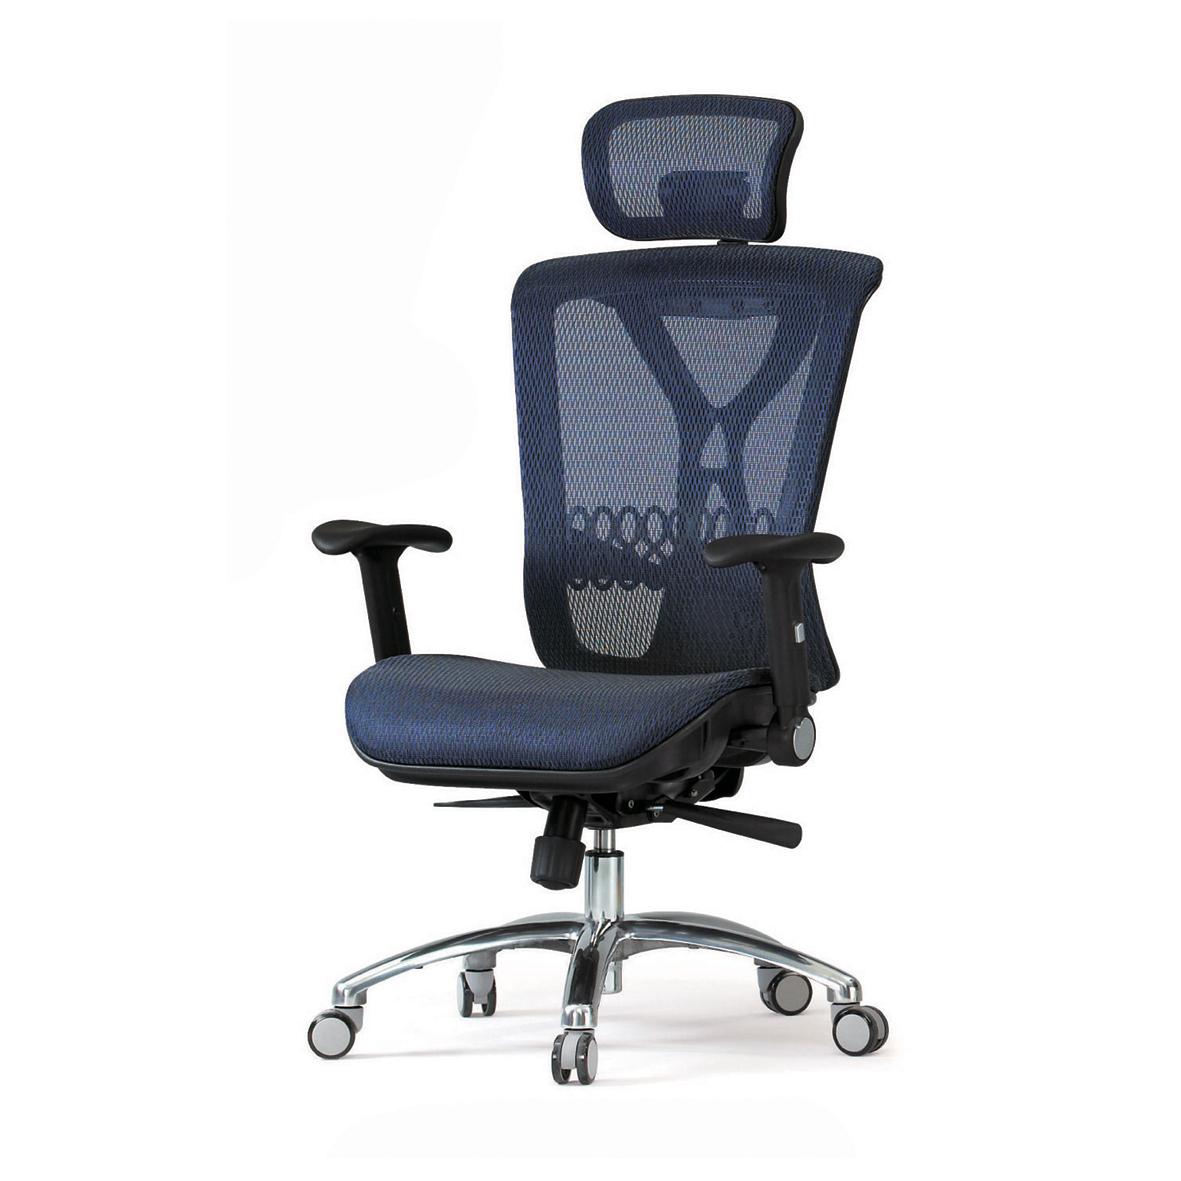 主管椅805